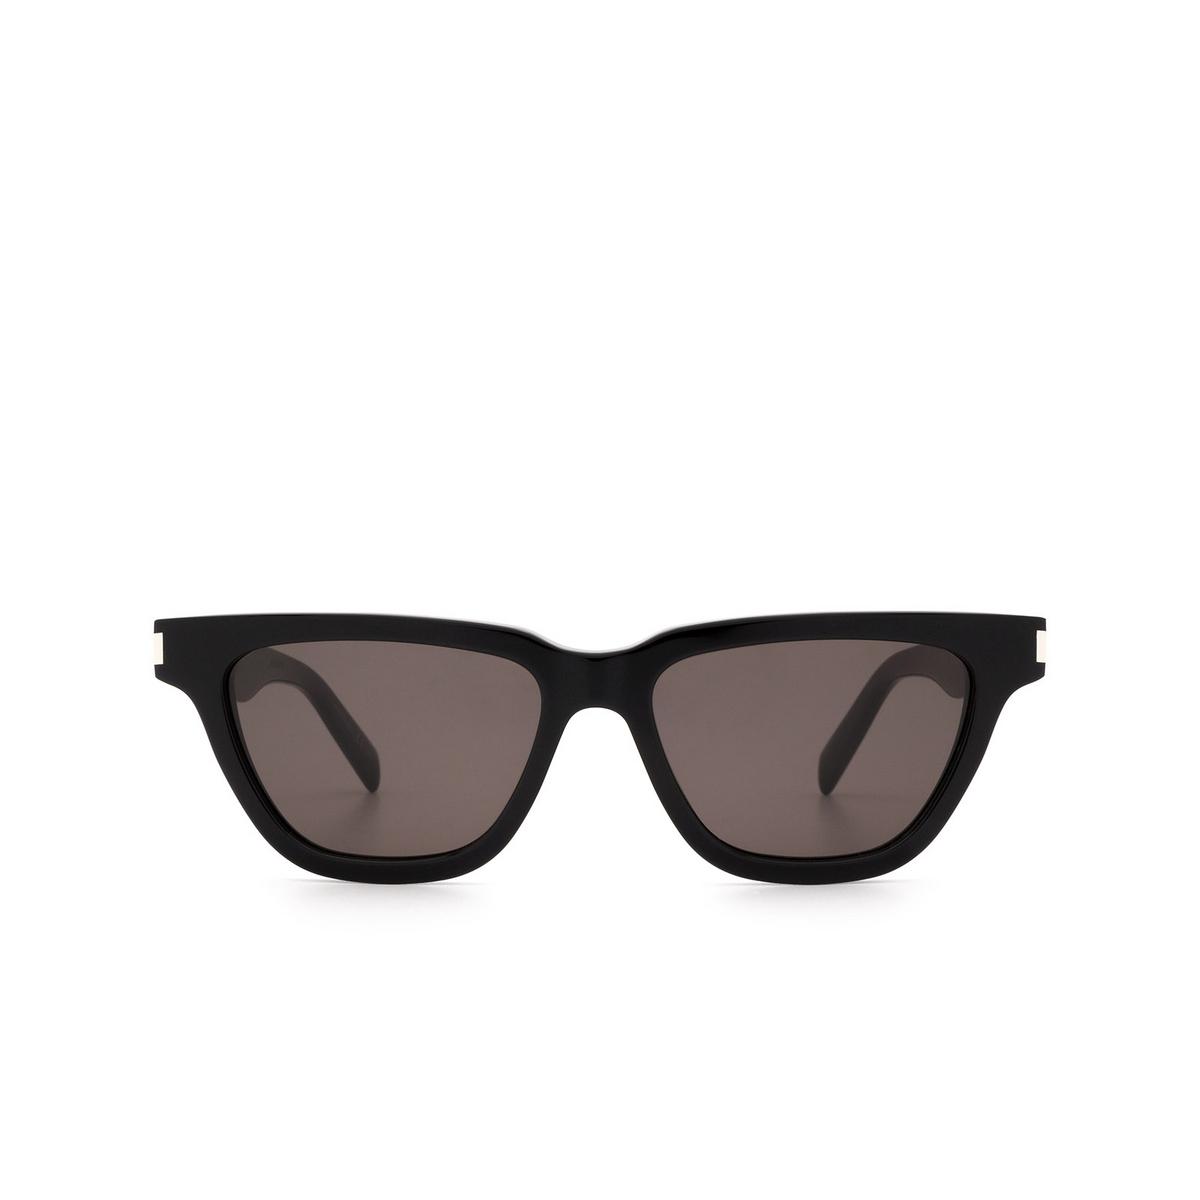 Saint Laurent® Cat-eye Sunglasses: Sulpice SL 462 color Black 001.